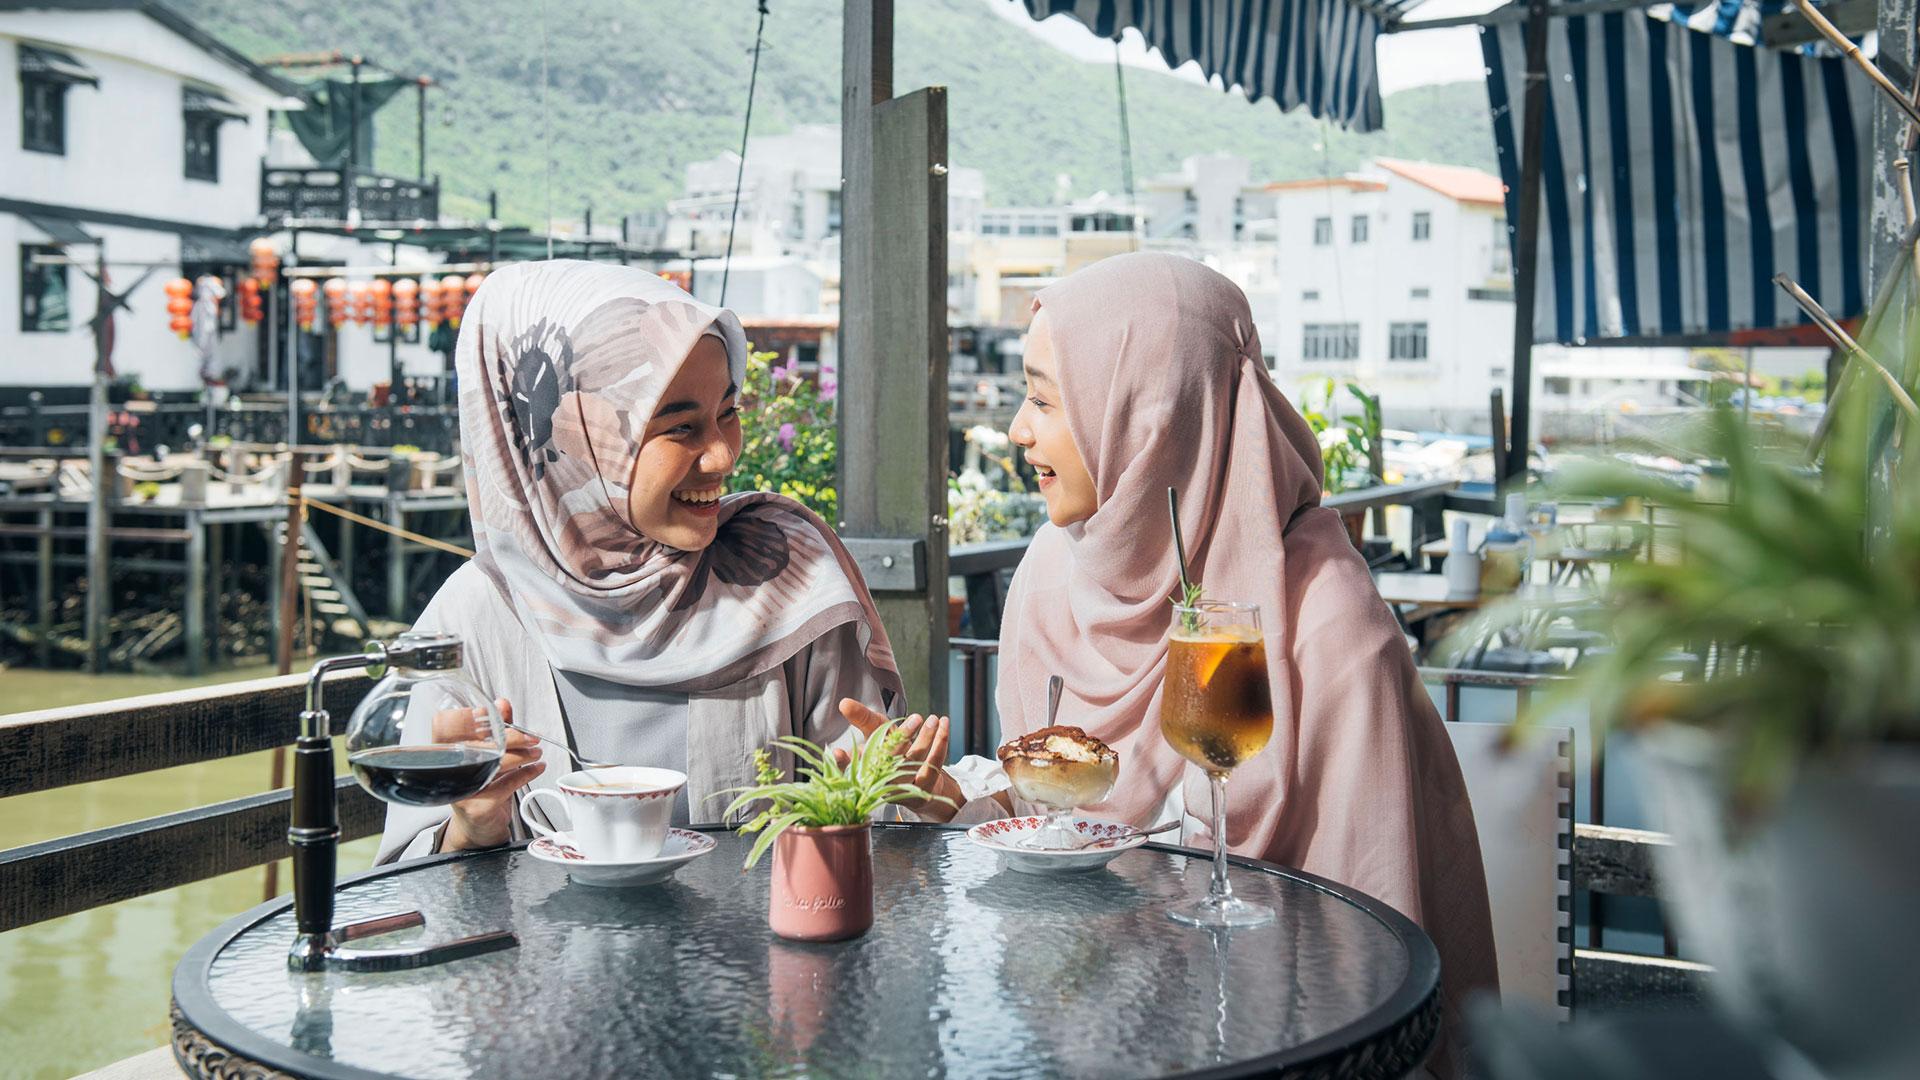 Plenty of Muslim-friendly options in Hong Kong